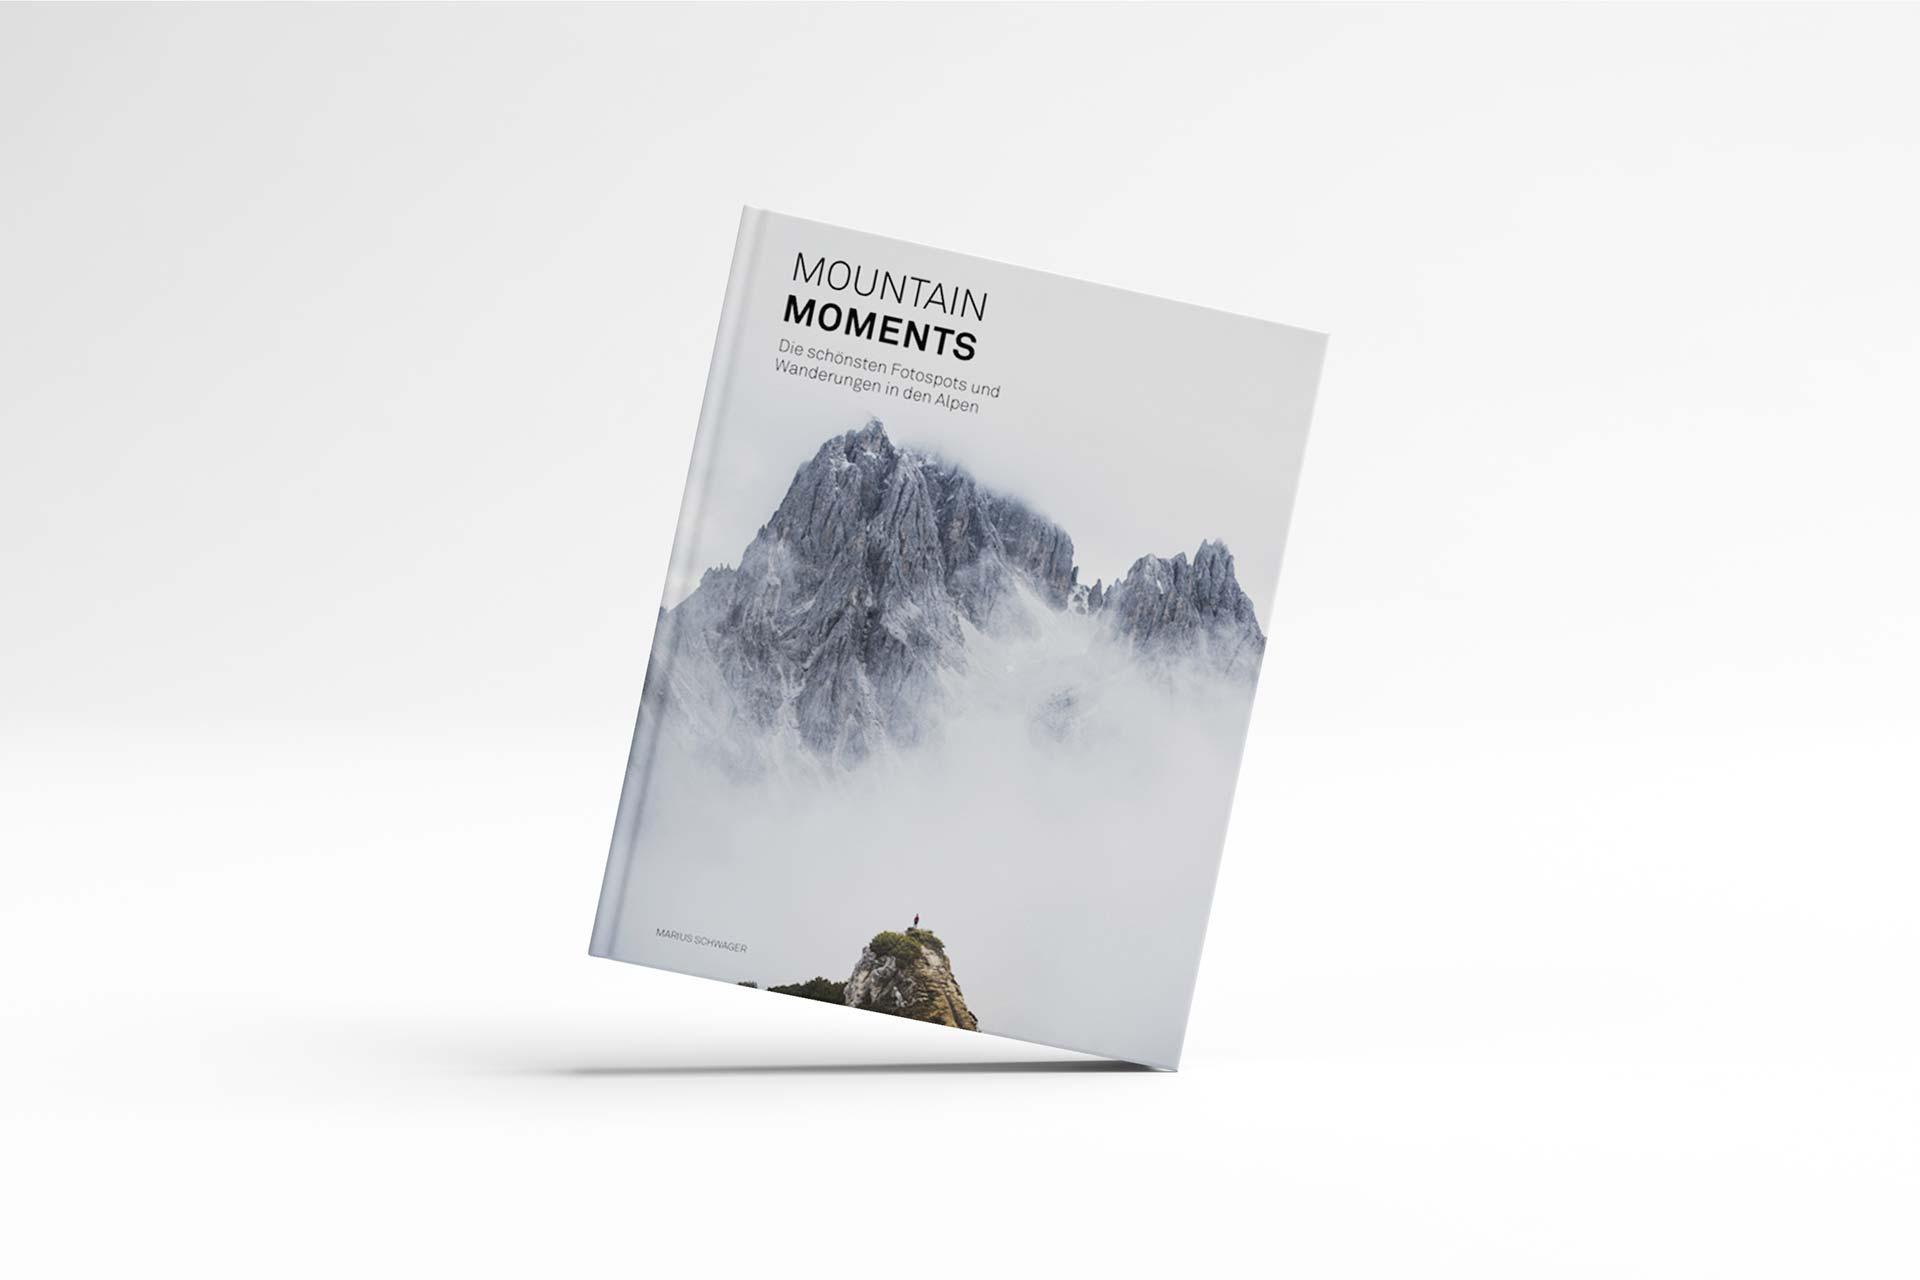 Mountain Moments von Marius Schwager, Cover © Eigenverlag, 2020